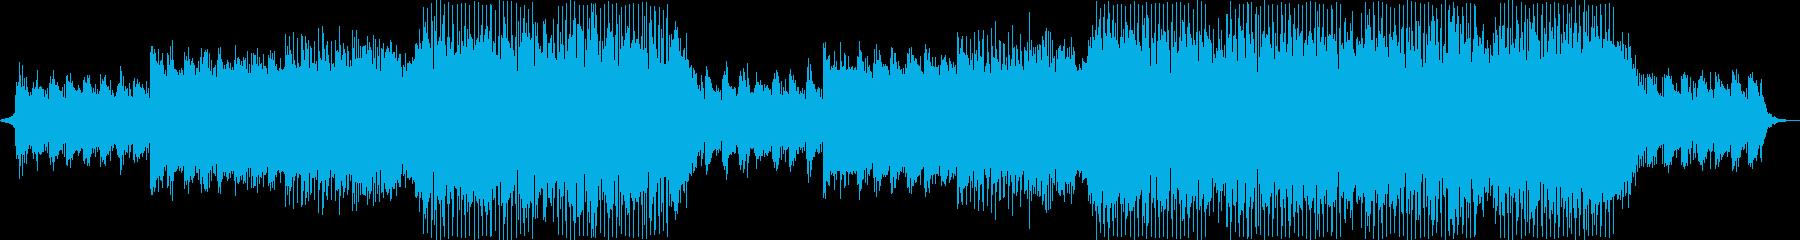 穏やかな洋楽EDMの再生済みの波形